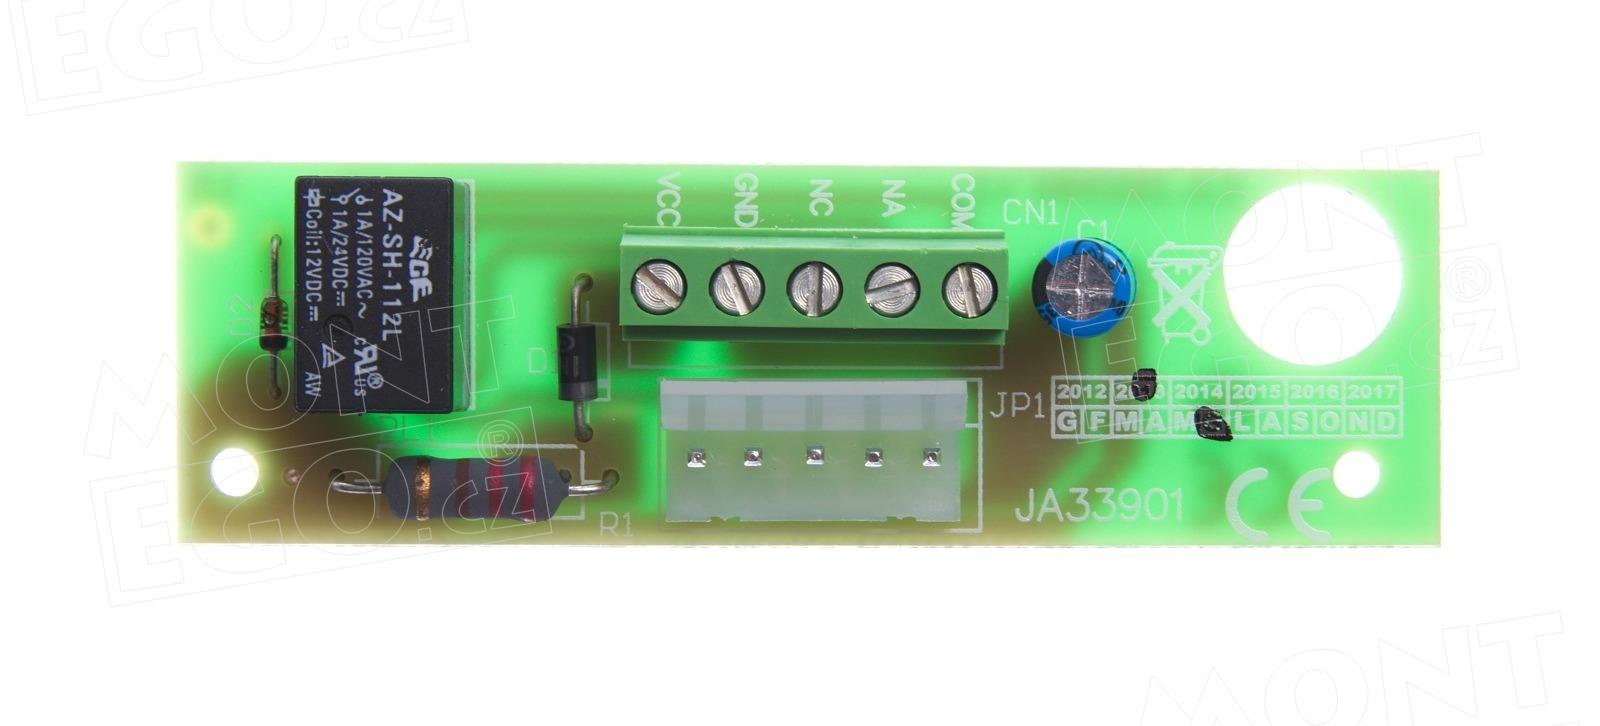 Adaptér KAR2 5 PIN pro přijímače ovládání Genius